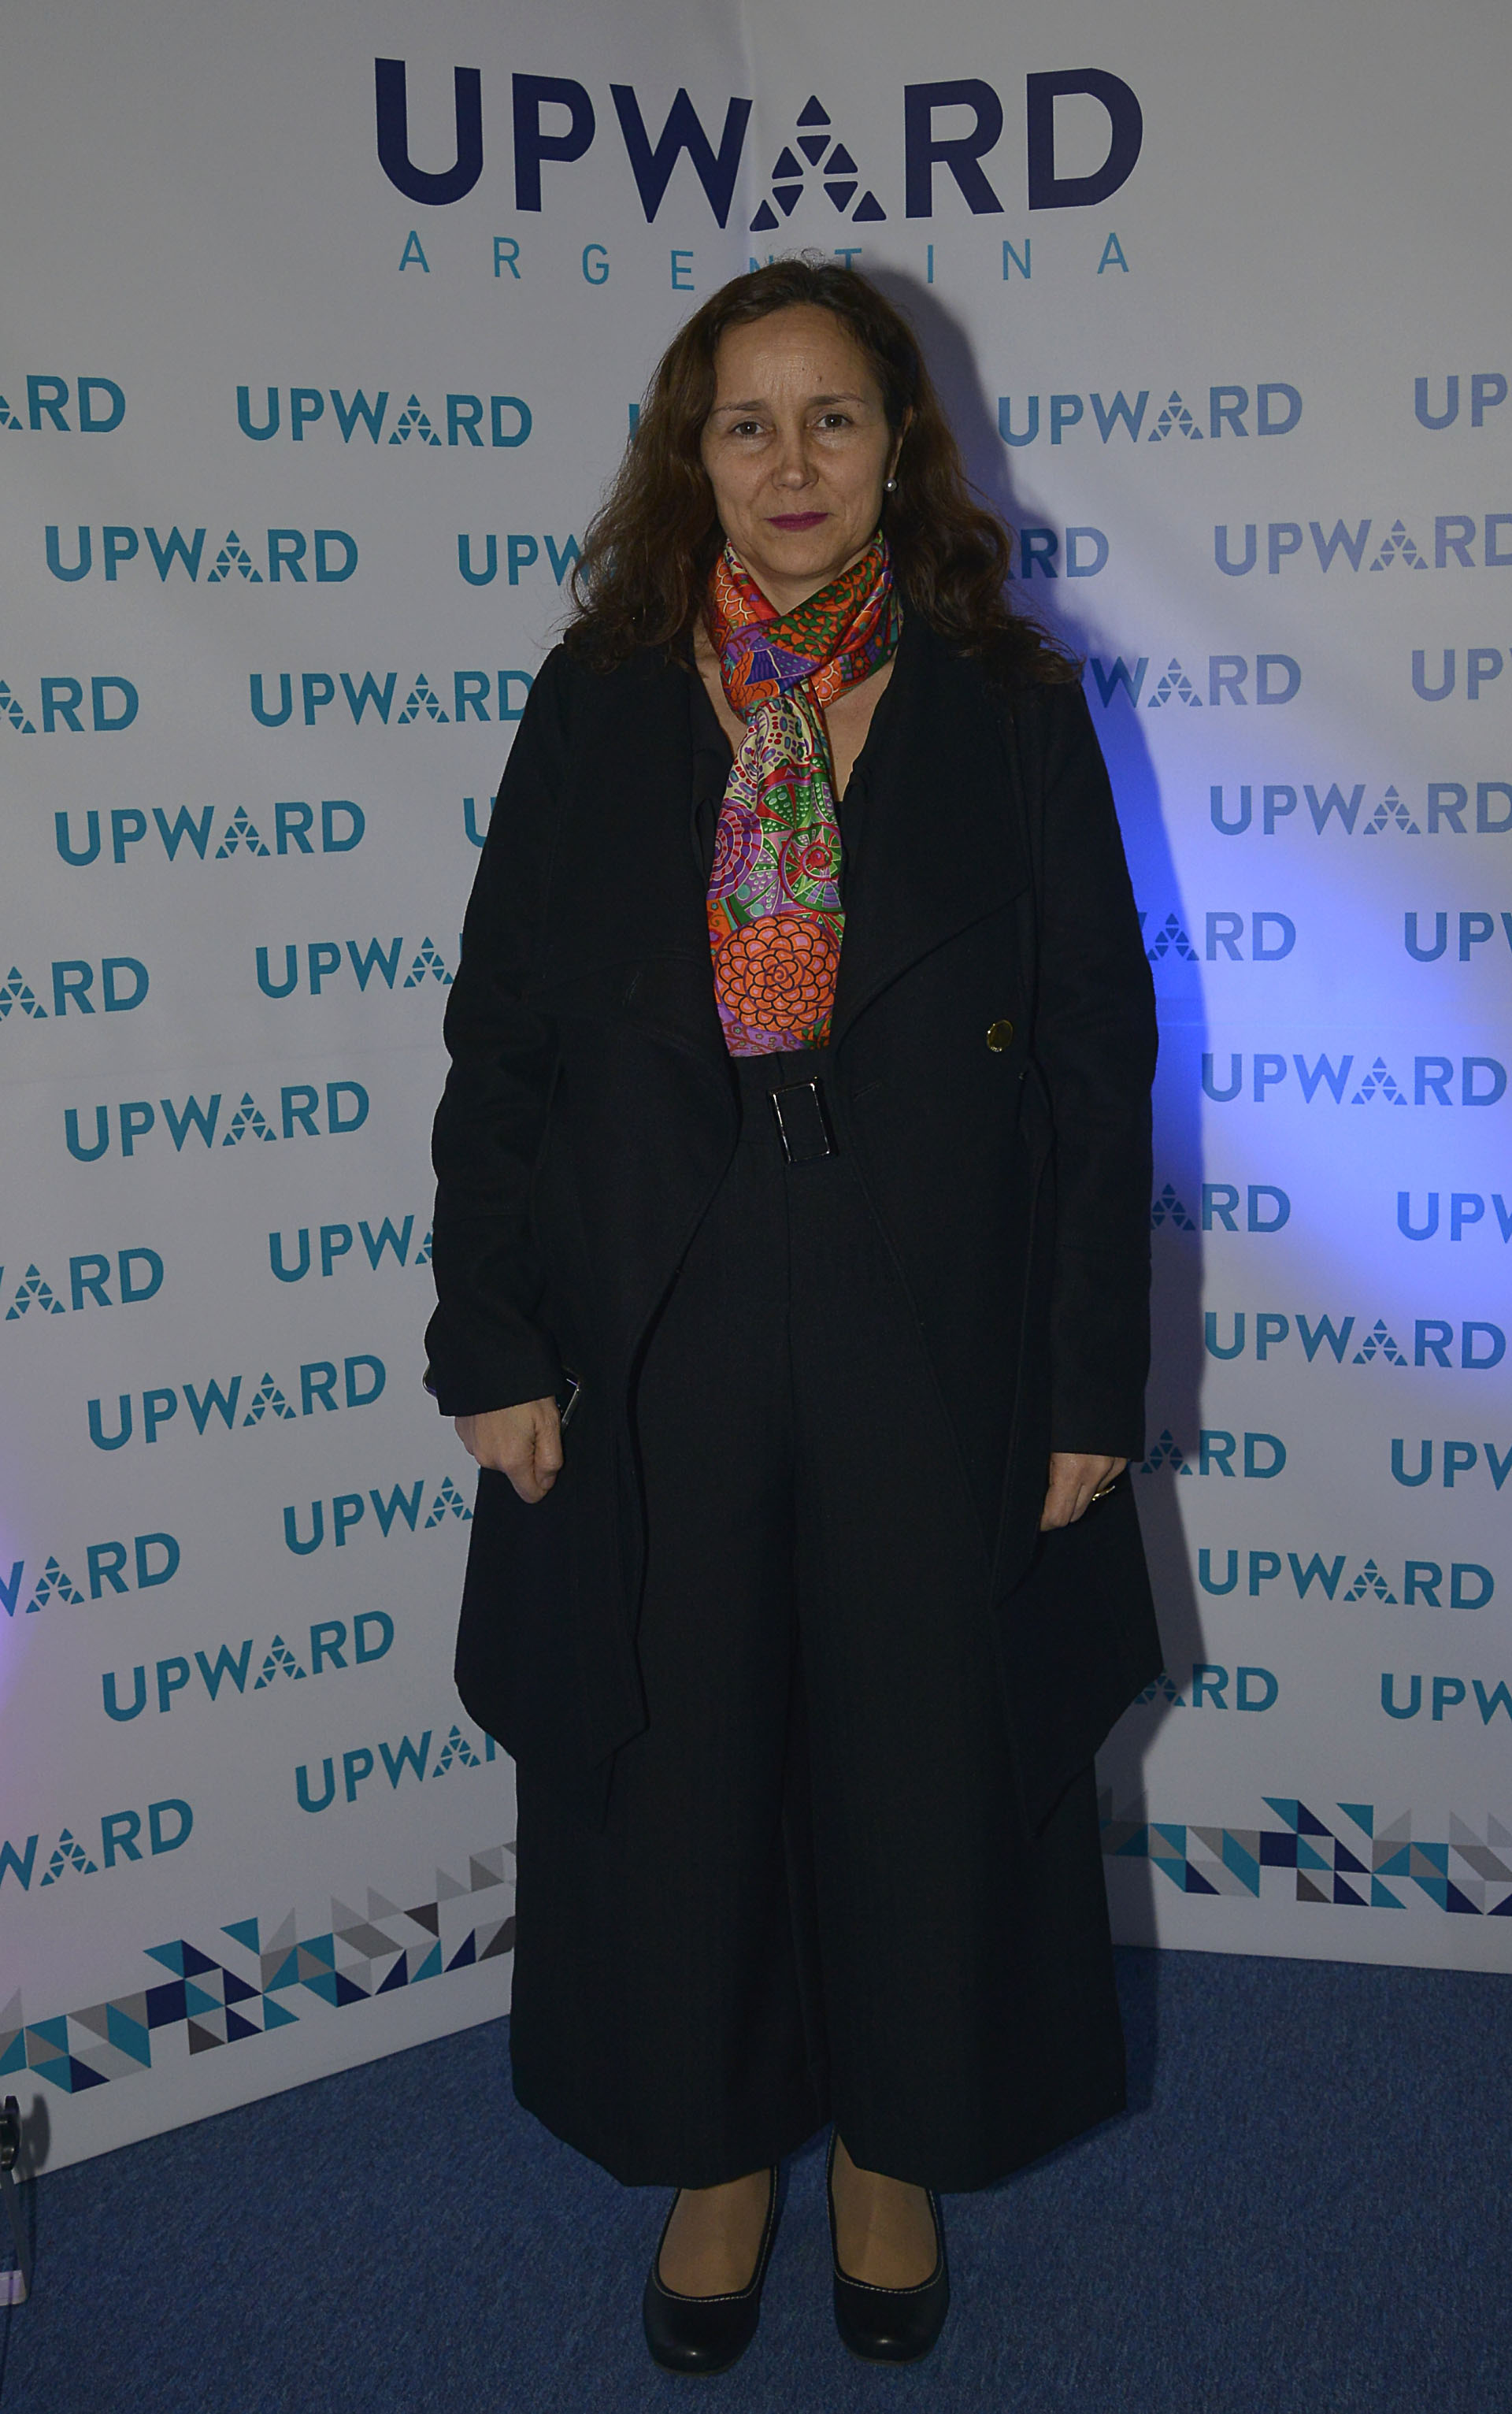 Florencia Ripani (Directora Nacional de Innovación Educativa del Ministerio de Educación, Cultura,Ciencia y Tecnología de la Nación)